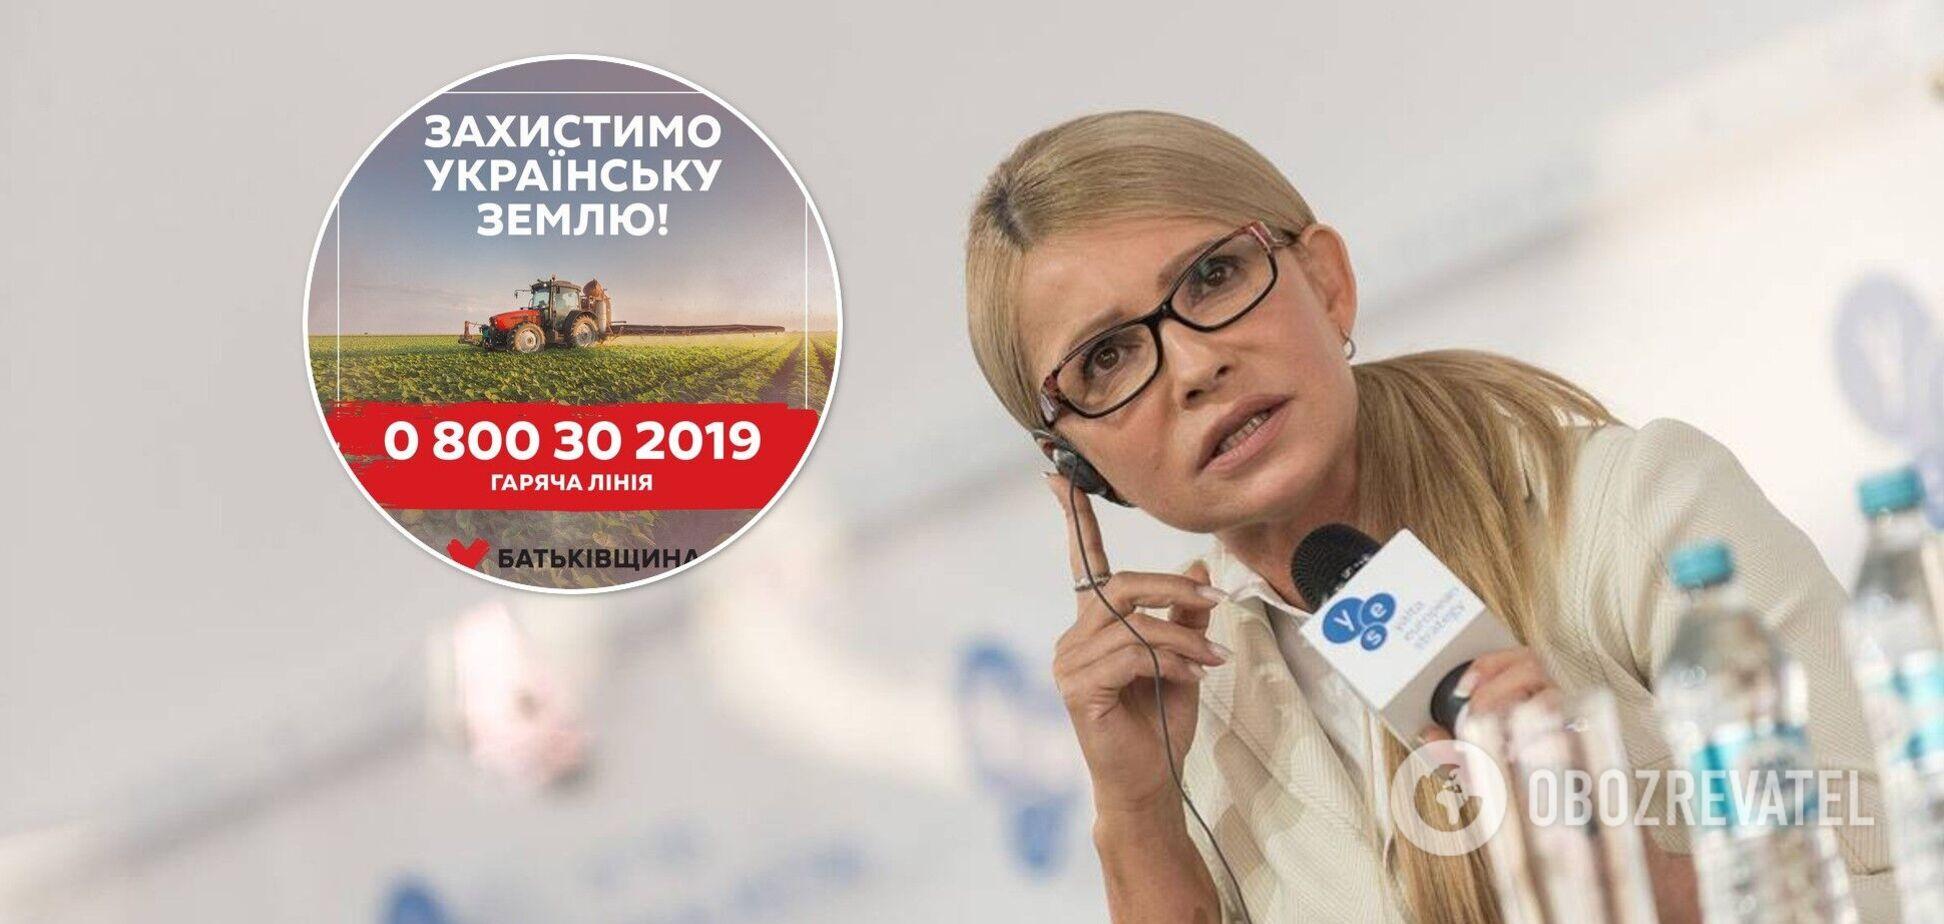 Тимошенко сообщила об открытии горячей телефонной линии для защиты земли